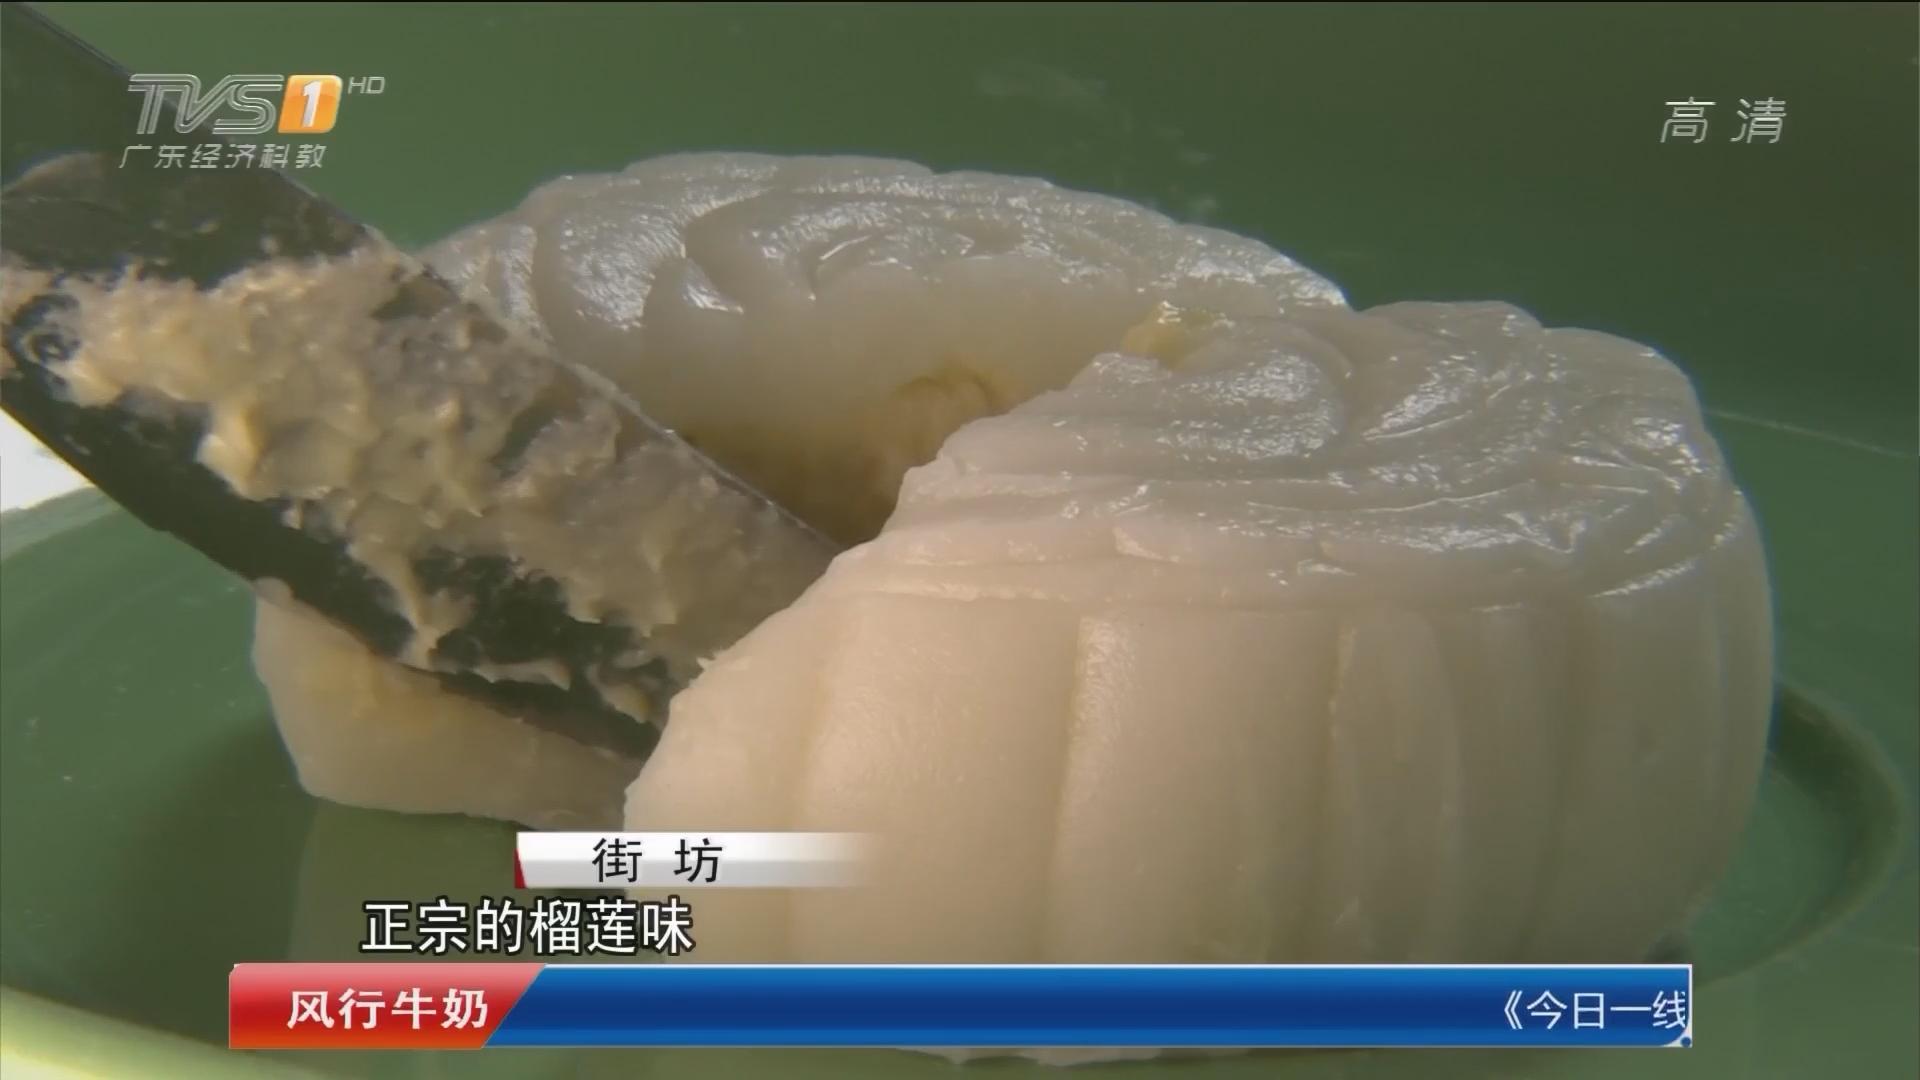 中秋新奇月饼:榨菜韭菜小龙虾 都成月饼馅?